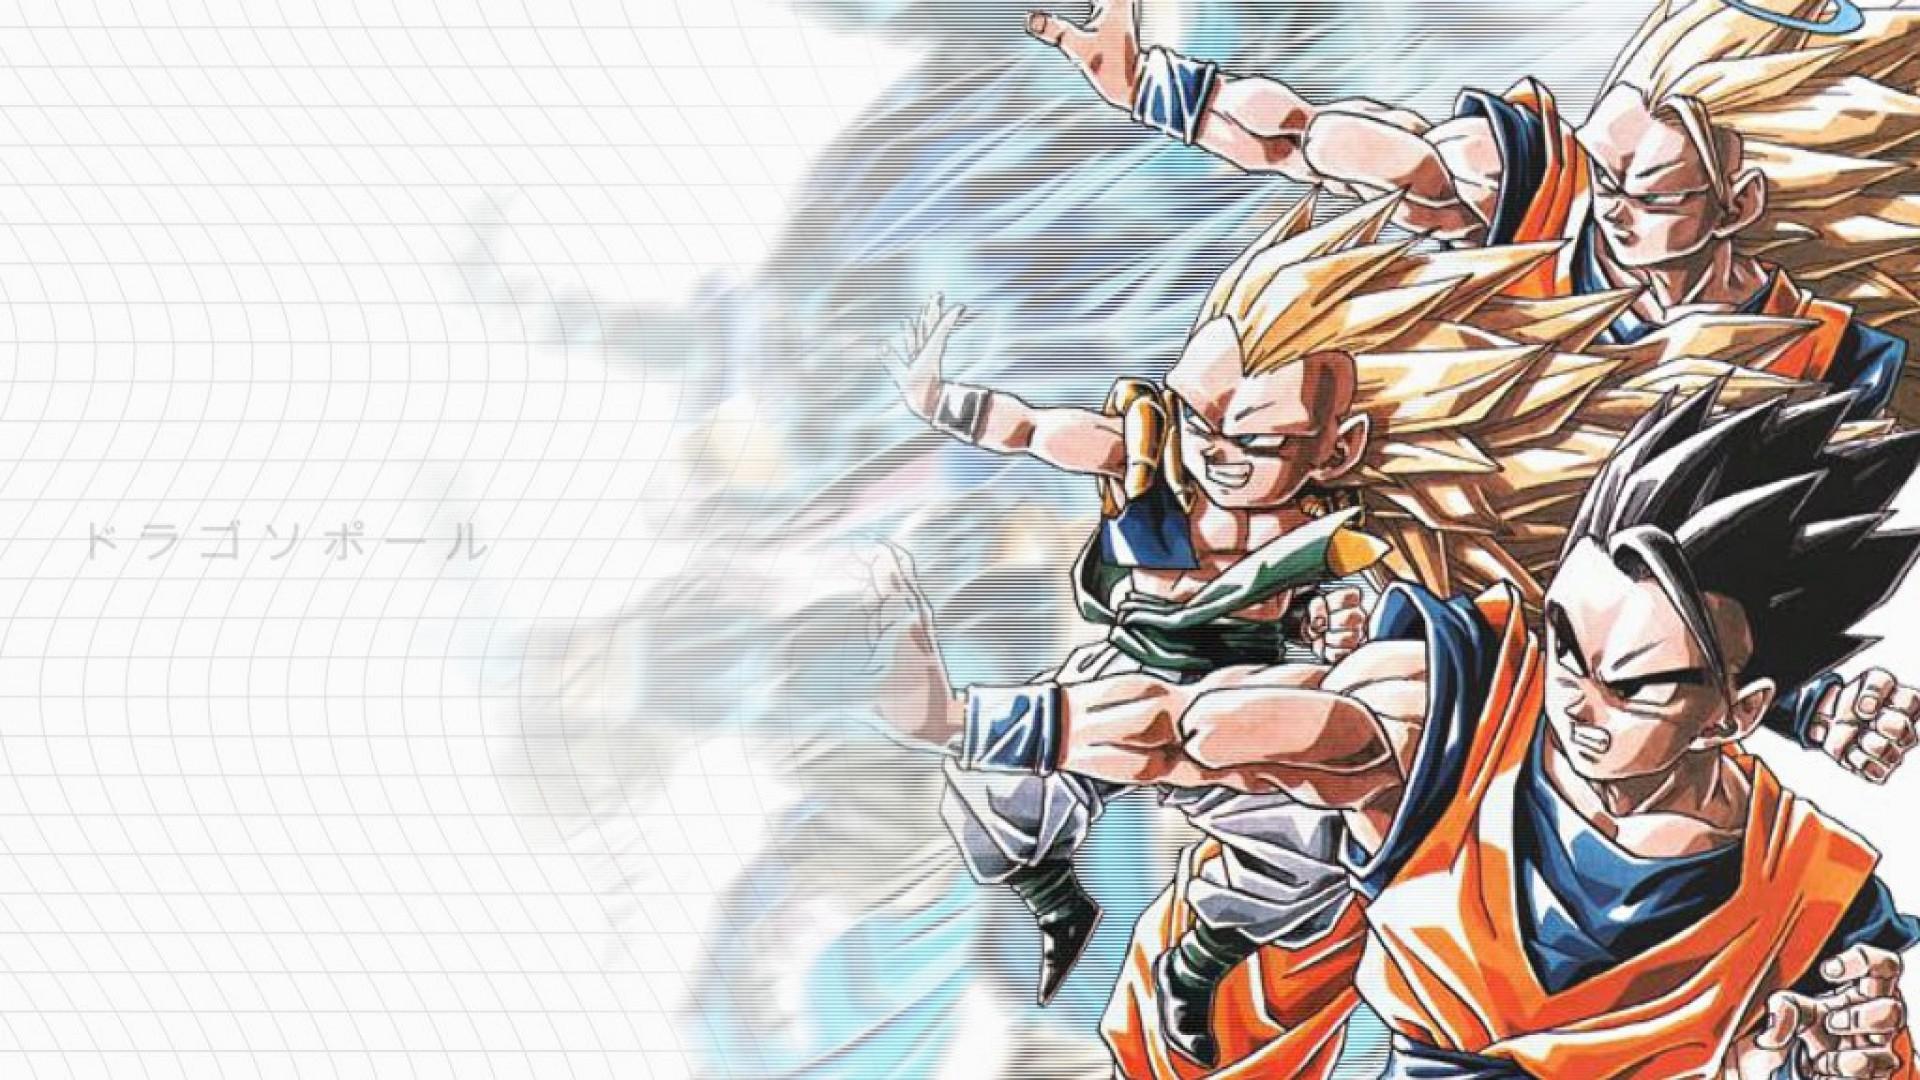 Dragon Ball Z Wallpapers Hd 16